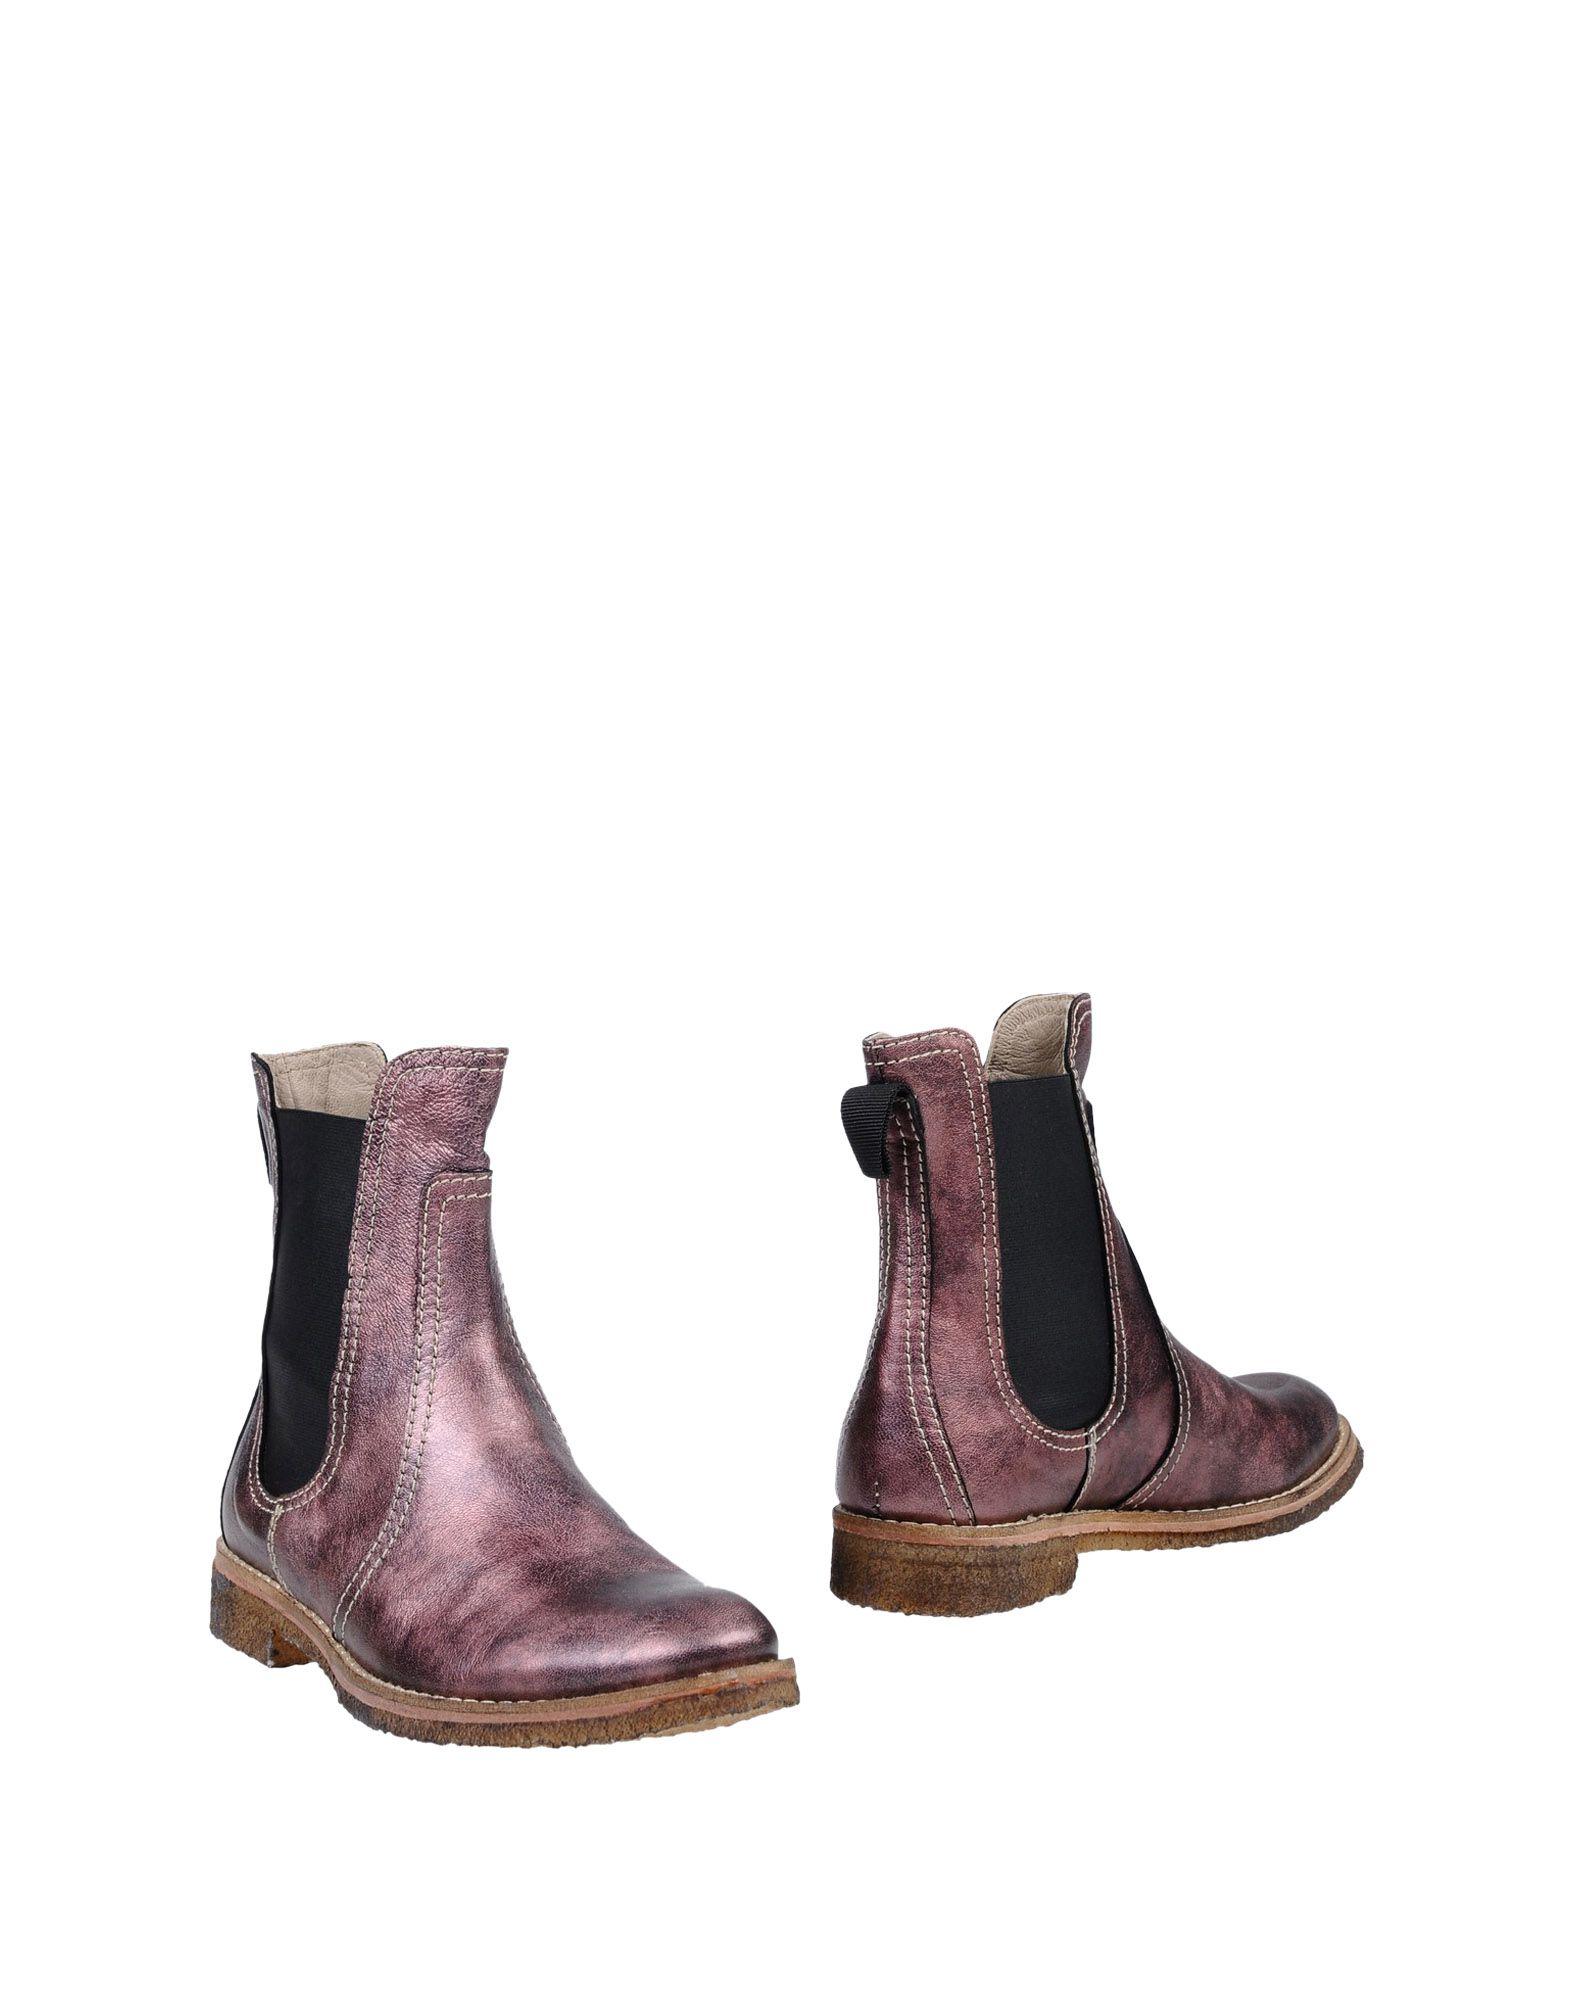 CANDICE COOPER Полусапоги и высокие ботинки цены онлайн